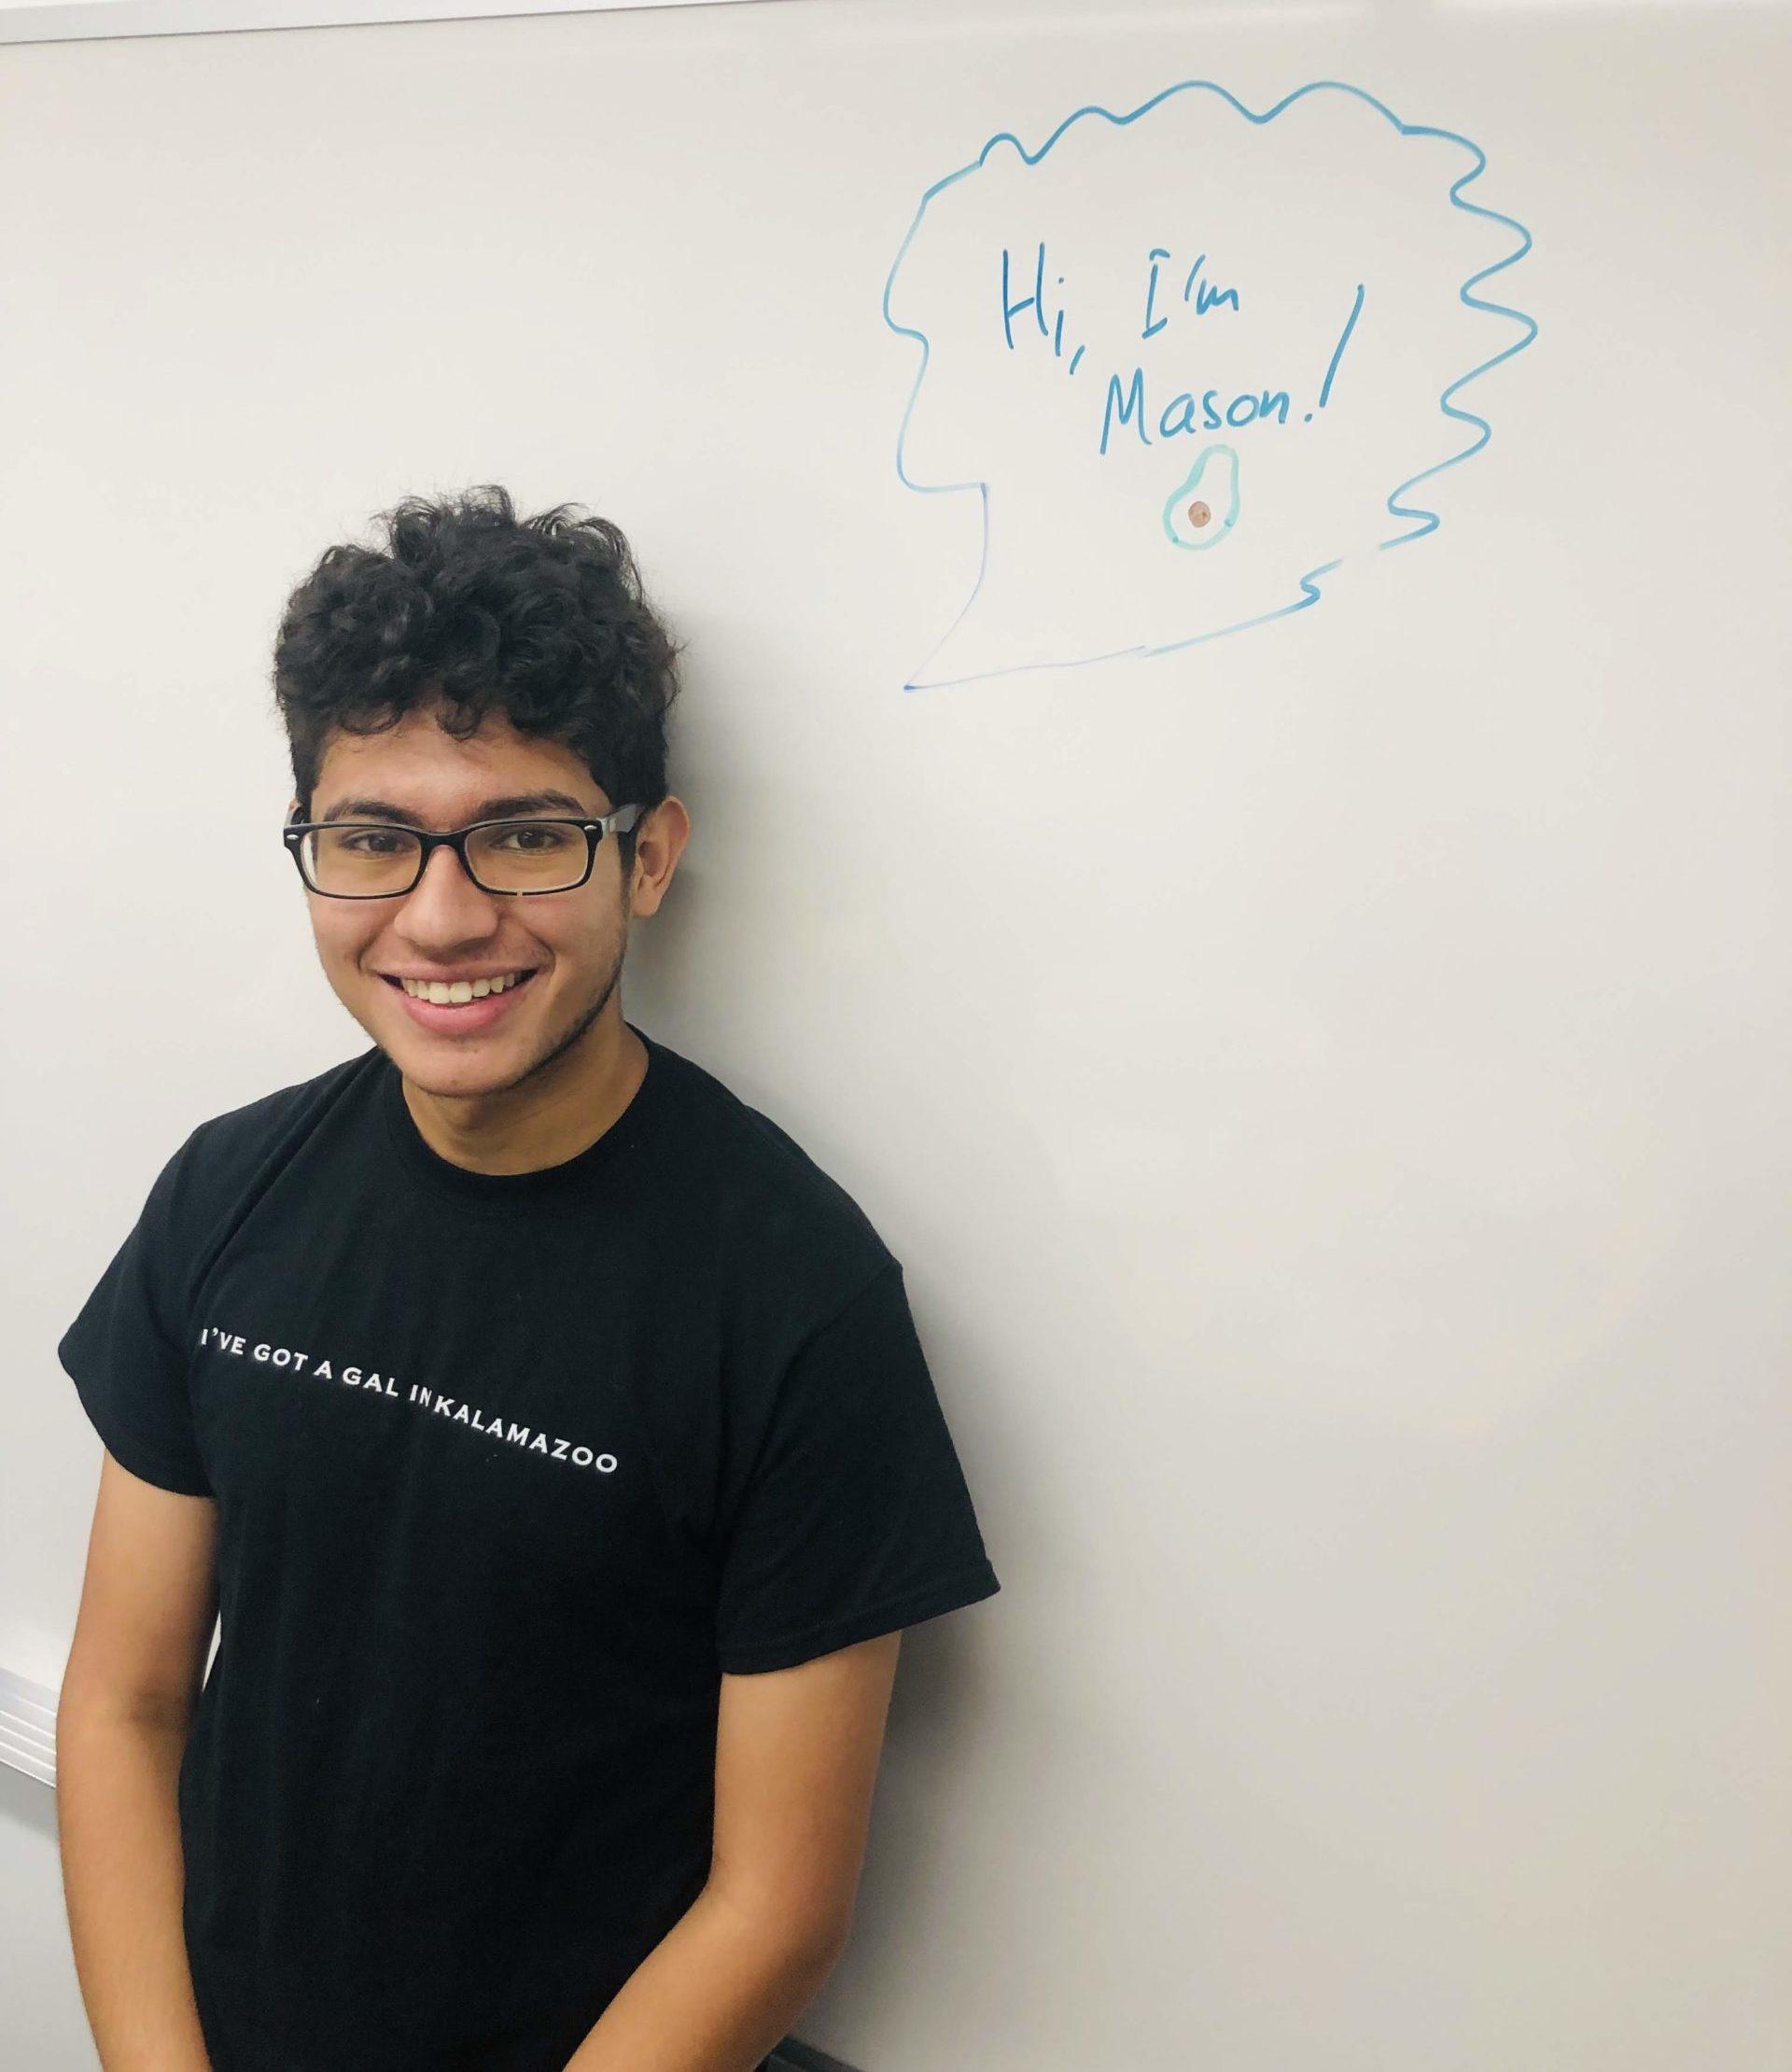 """Intern, Mason Acevedo, leaning up against a whiteboard that reads """"Hi, I am Mason!"""""""